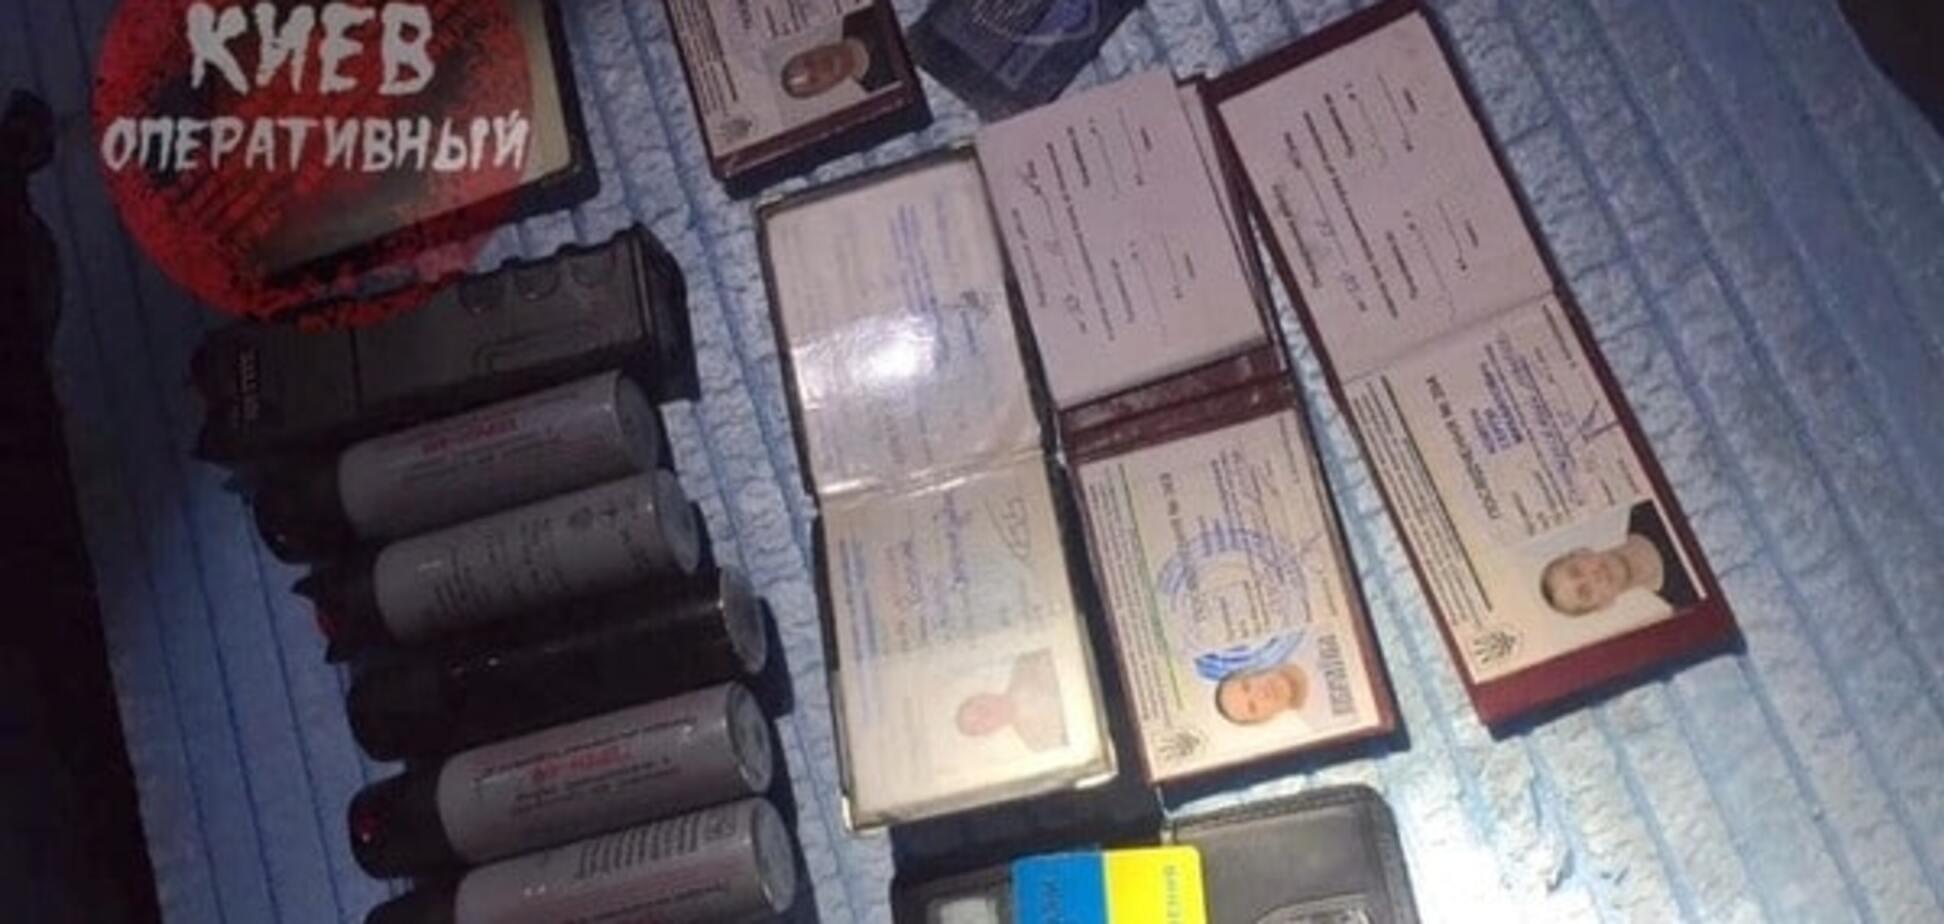 У поліції Києва з'ясували особу 'будівельника' із посвідченням